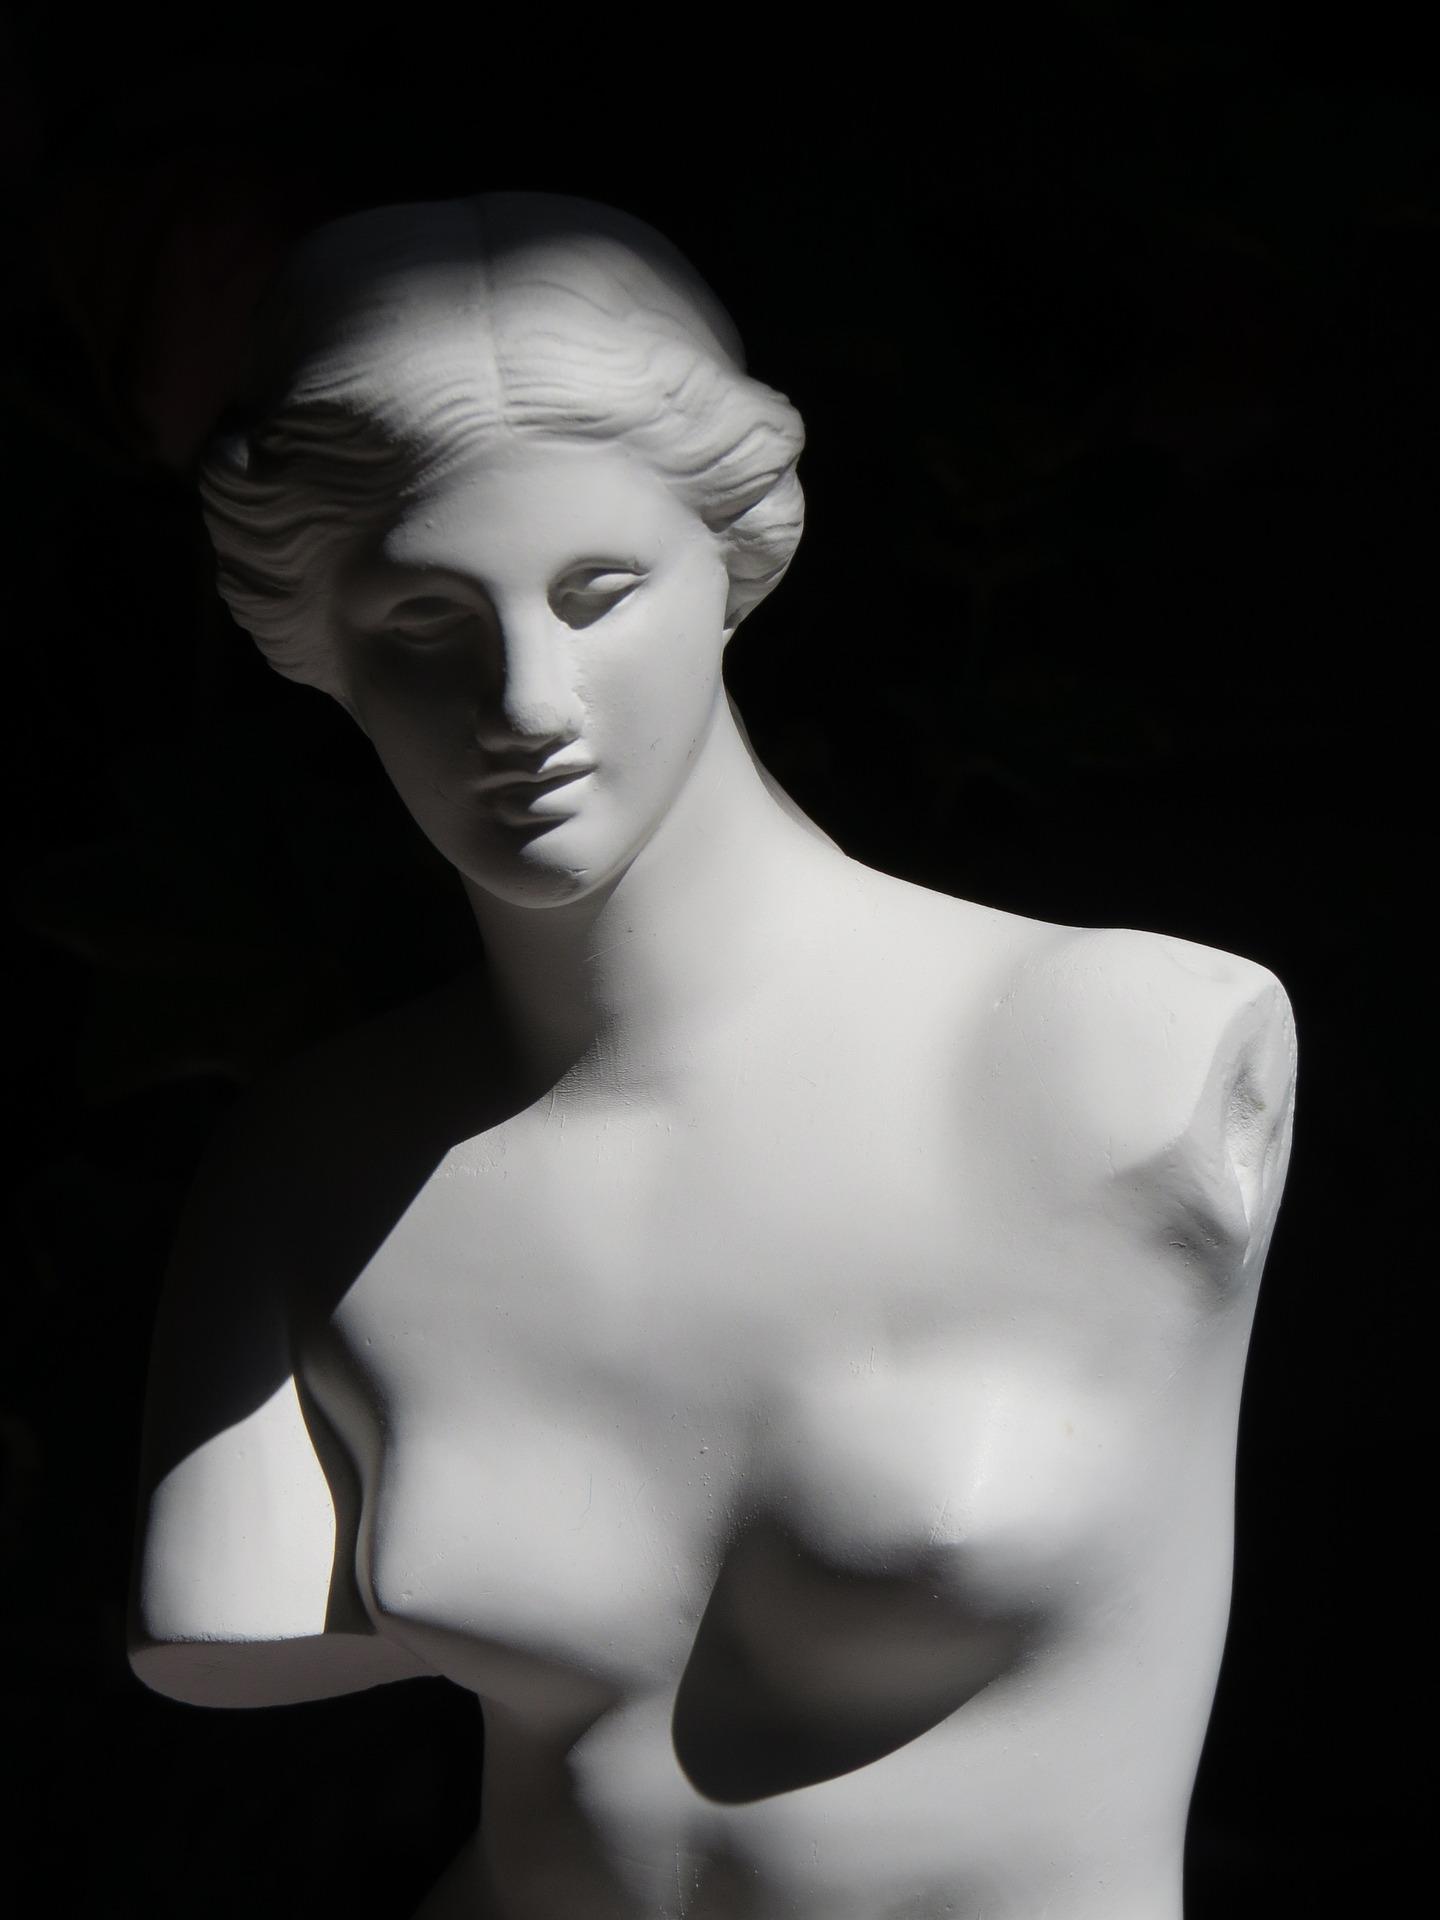 Liposucción masculina venus-3672673_1920